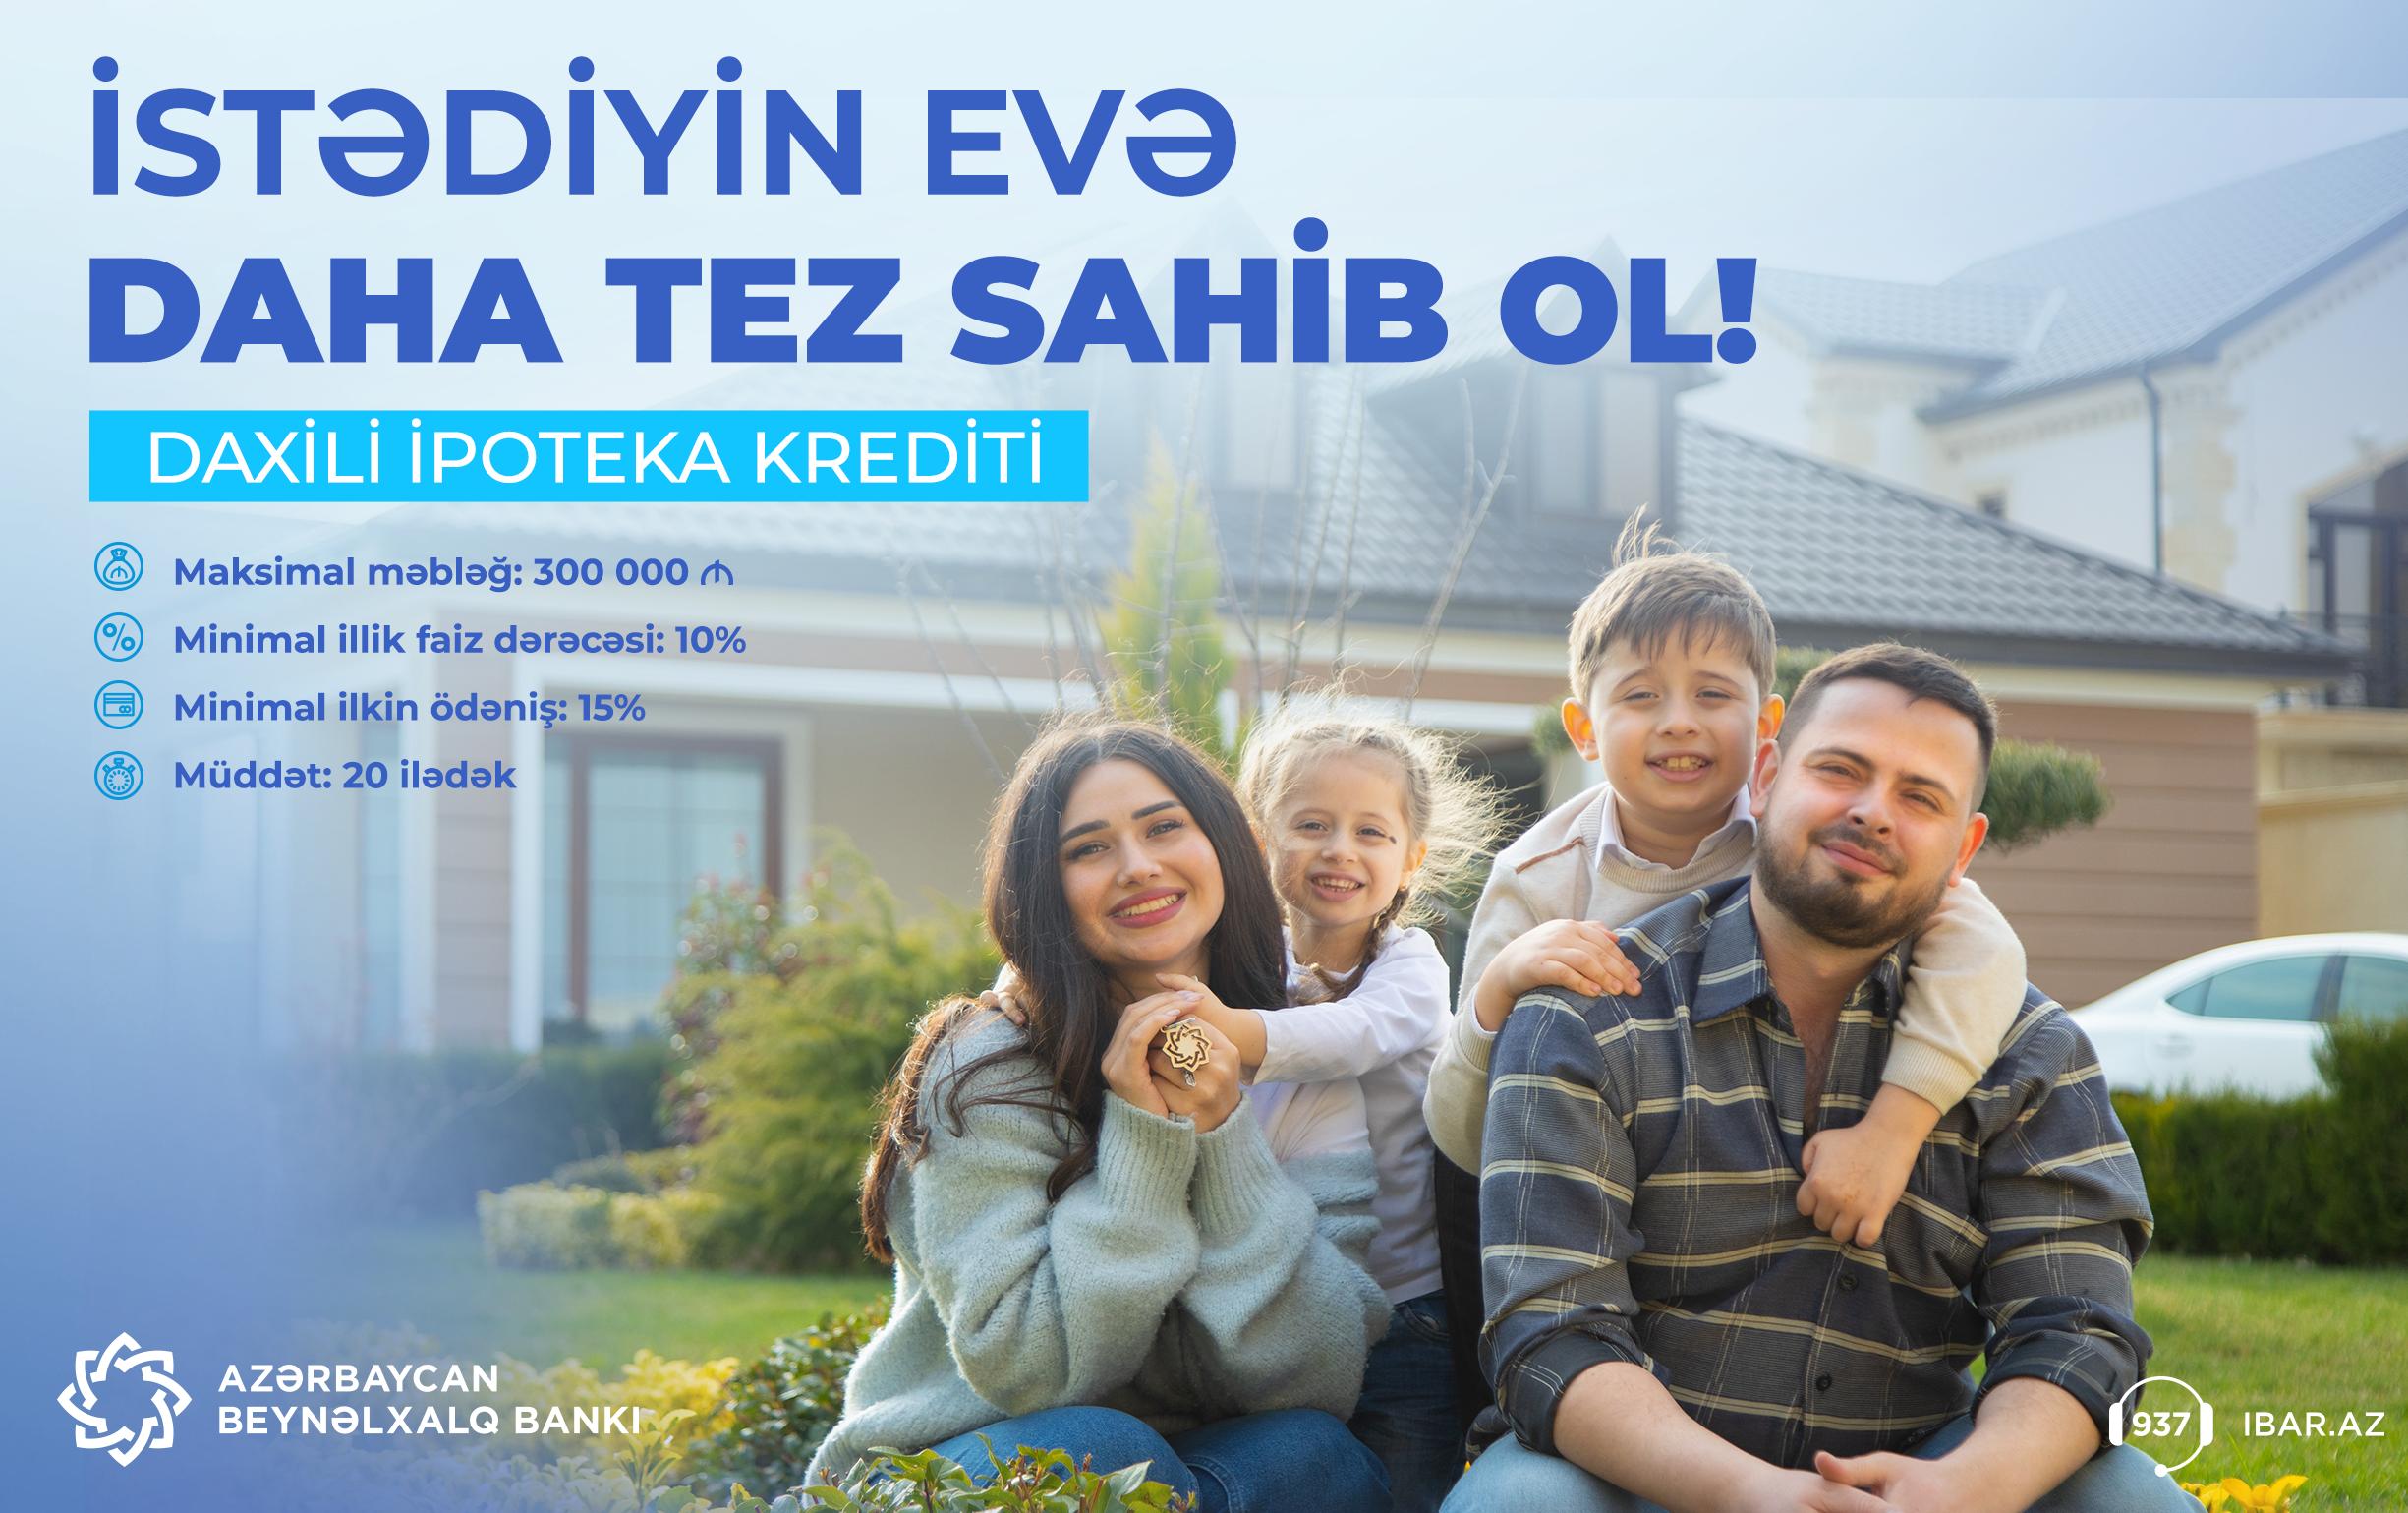 Azərbaycan Beynəlxalq Bankından 300.000 manatadək daxili ipoteka krediti!